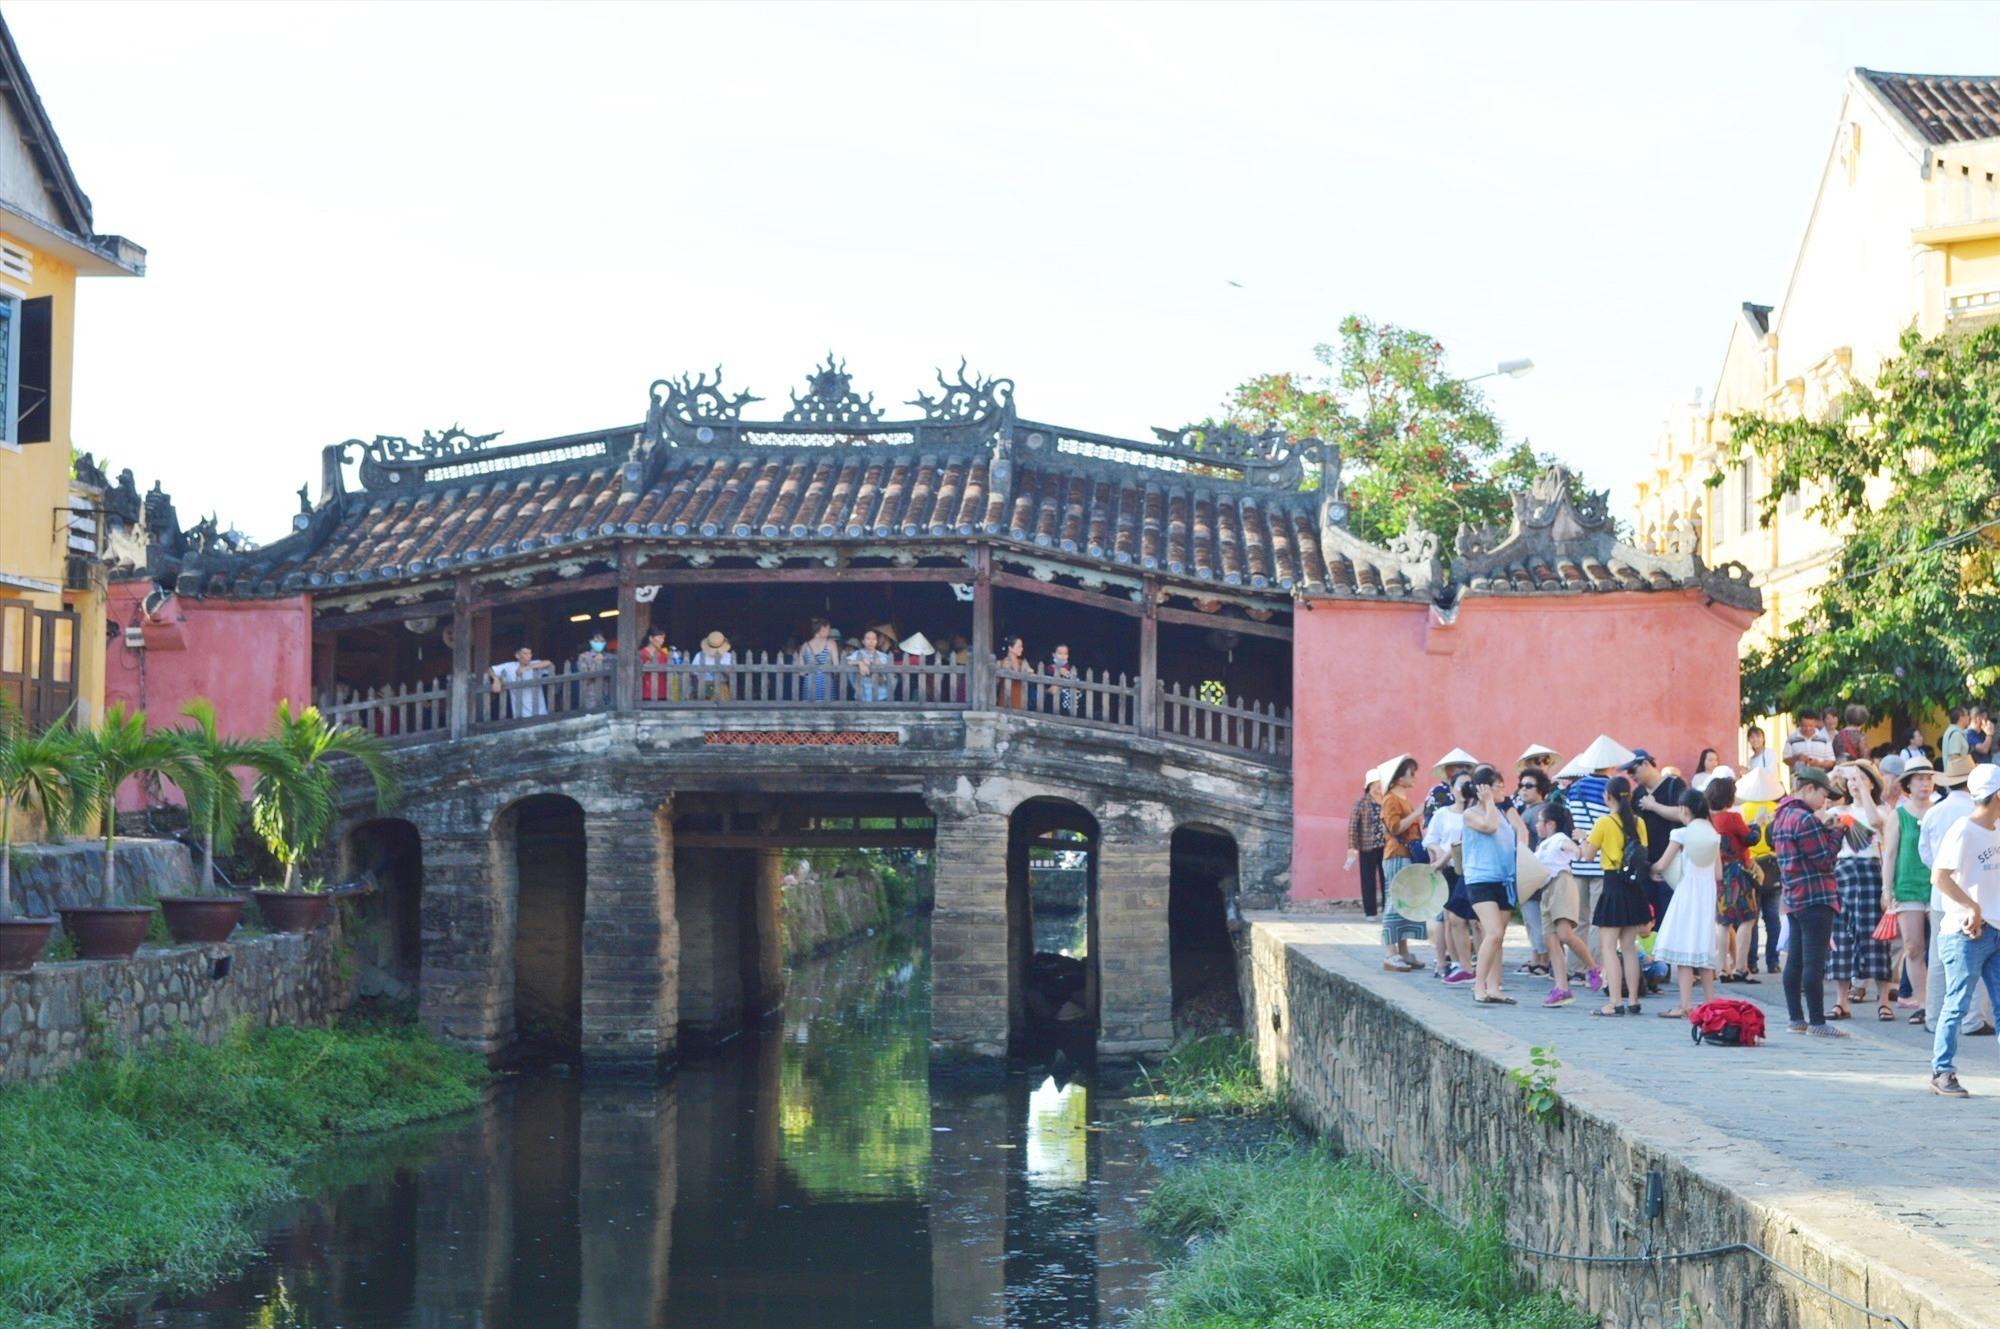 Chua Cau, Hoi An city